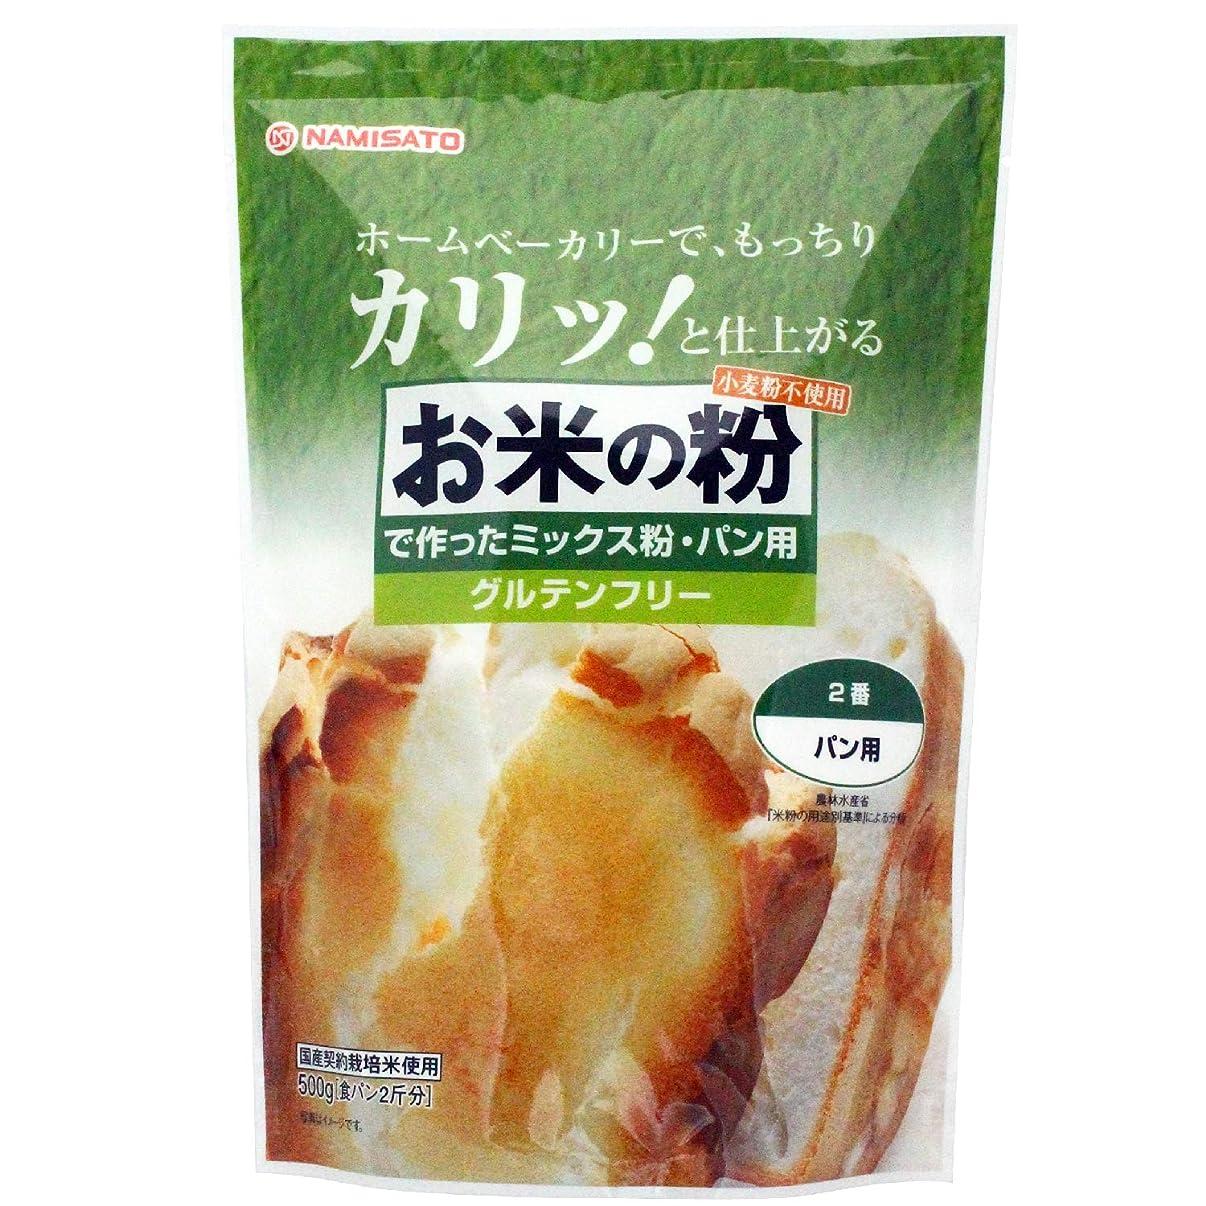 圧縮地域敵意クオカ(cuoca) プレミアム食パンミックス 5種セット 1265g